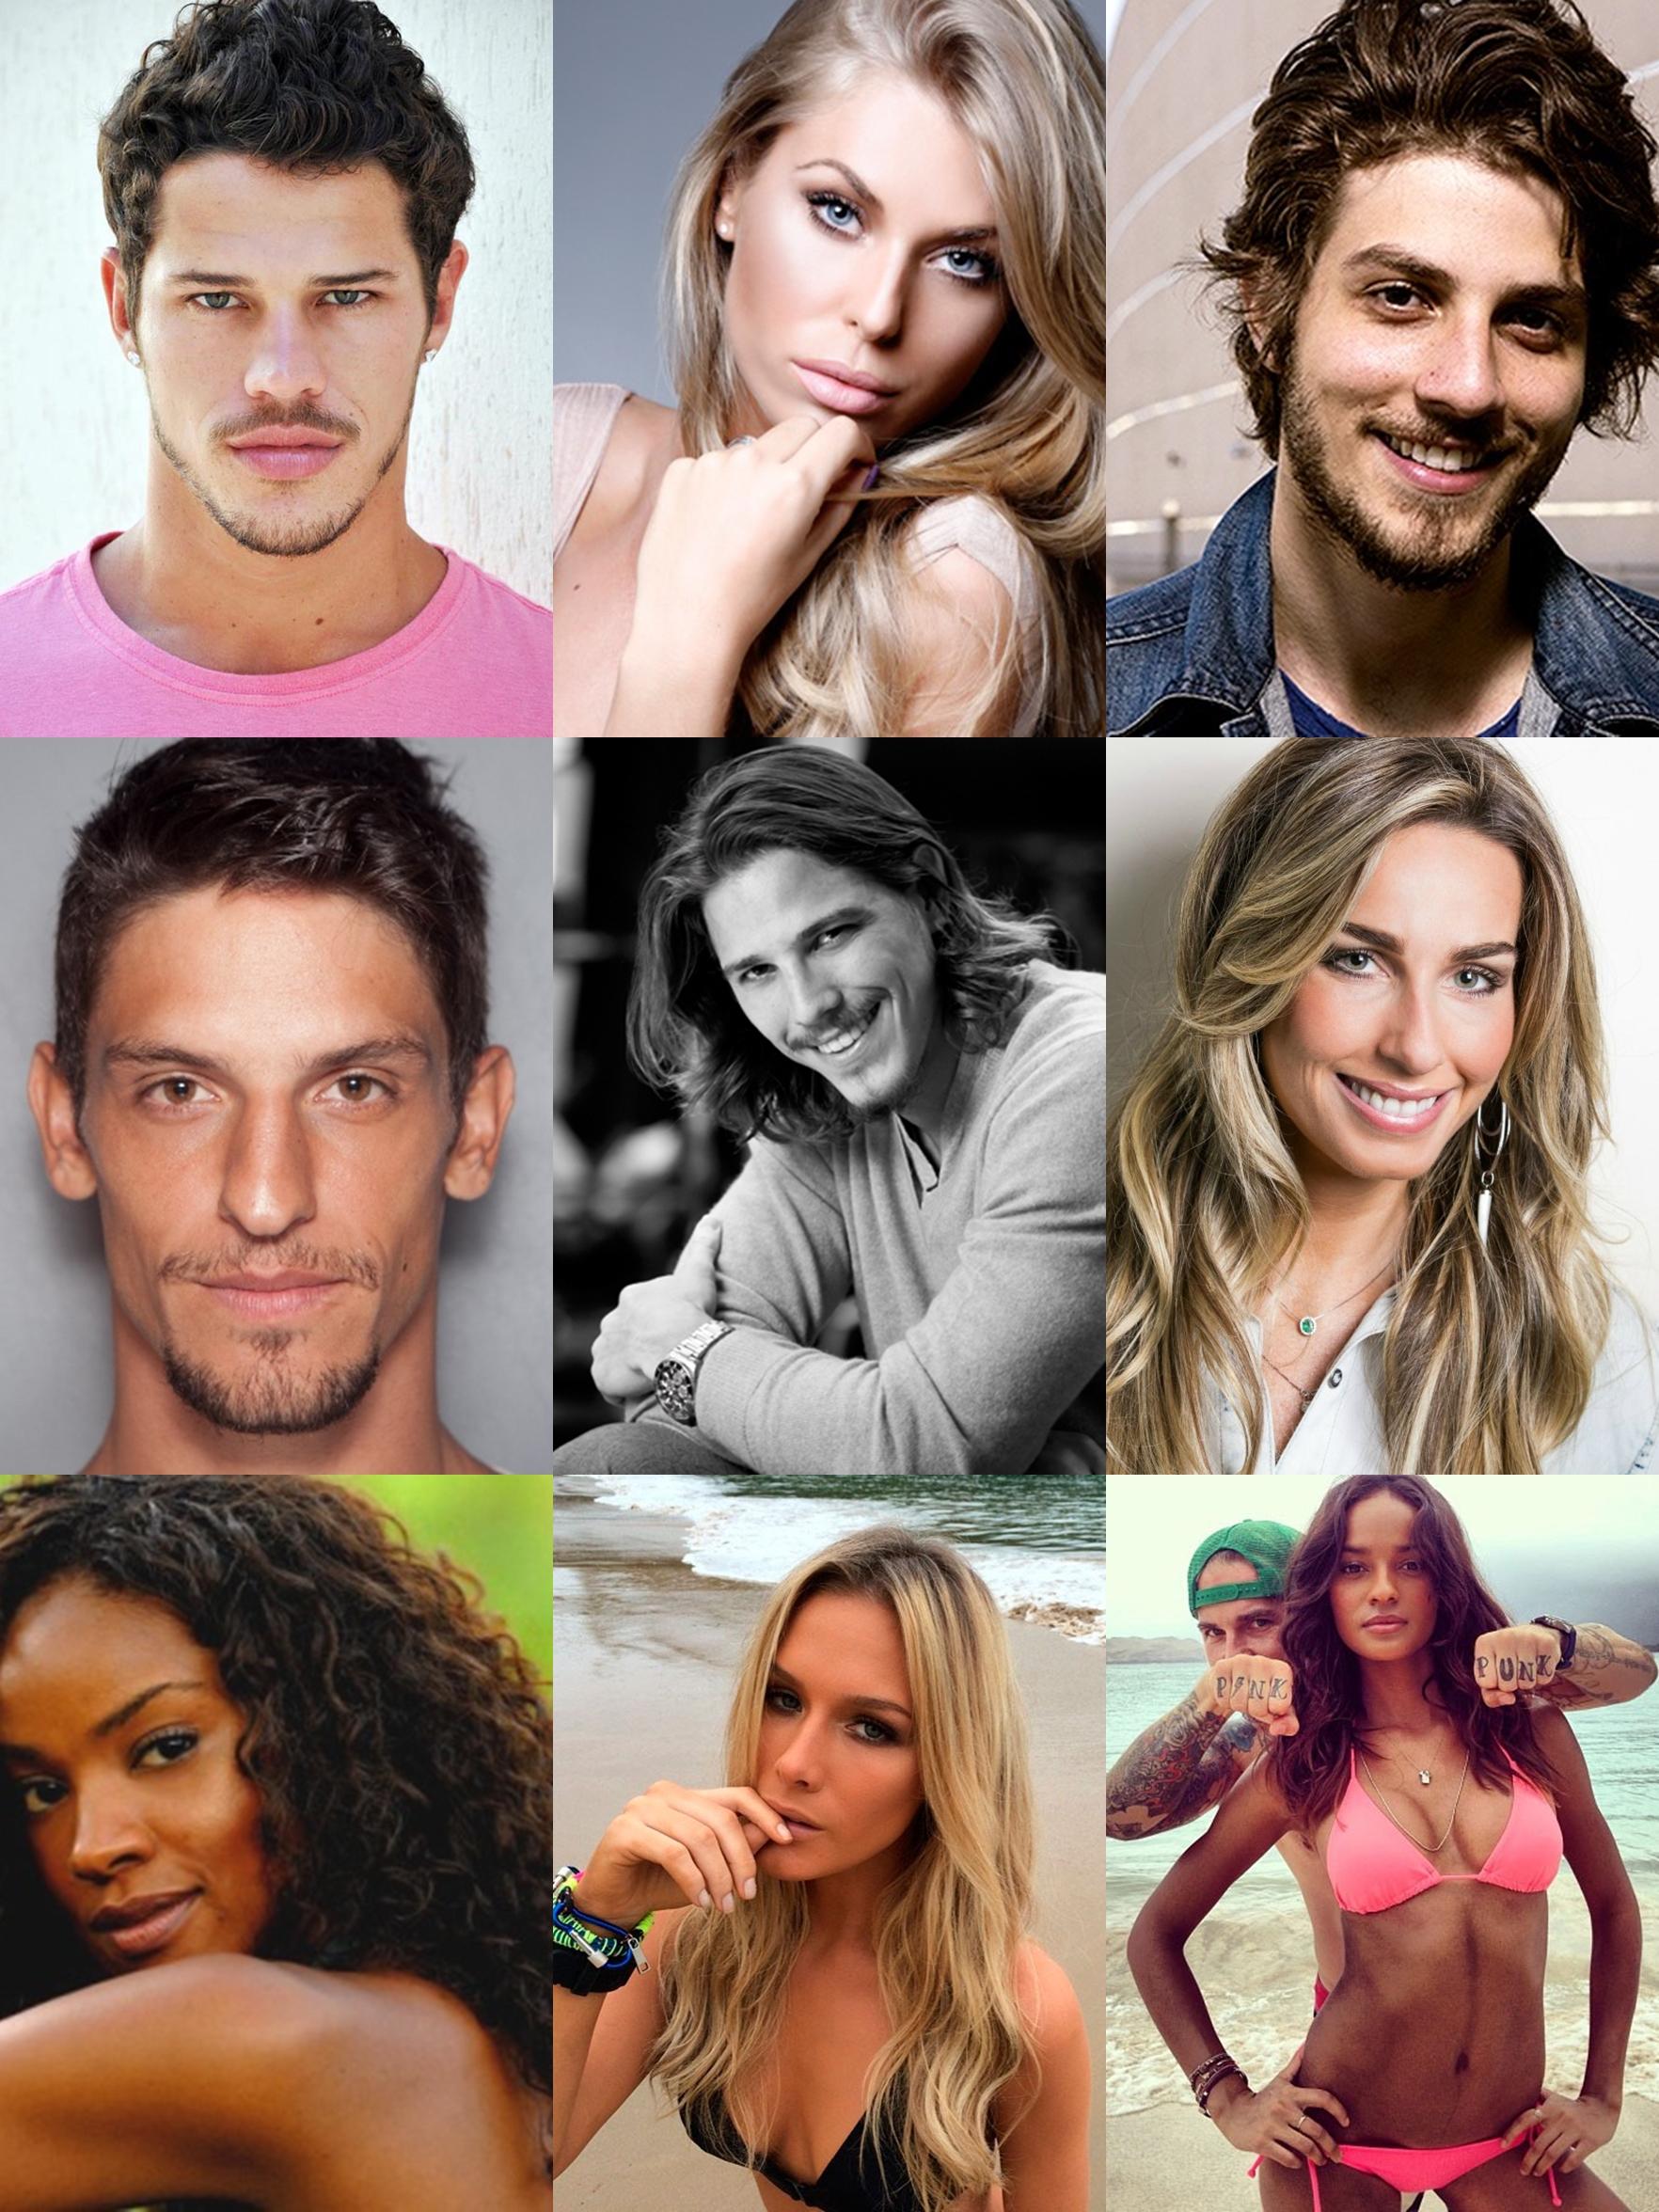 celebridades oscar fashion days 2015, ofd 2015, moda sem censura, blog de moda masculina, menswear, blogueiro de moda, desfile, artistas, alex cursino, maquinario comunicação, alvaro mirapalheta,